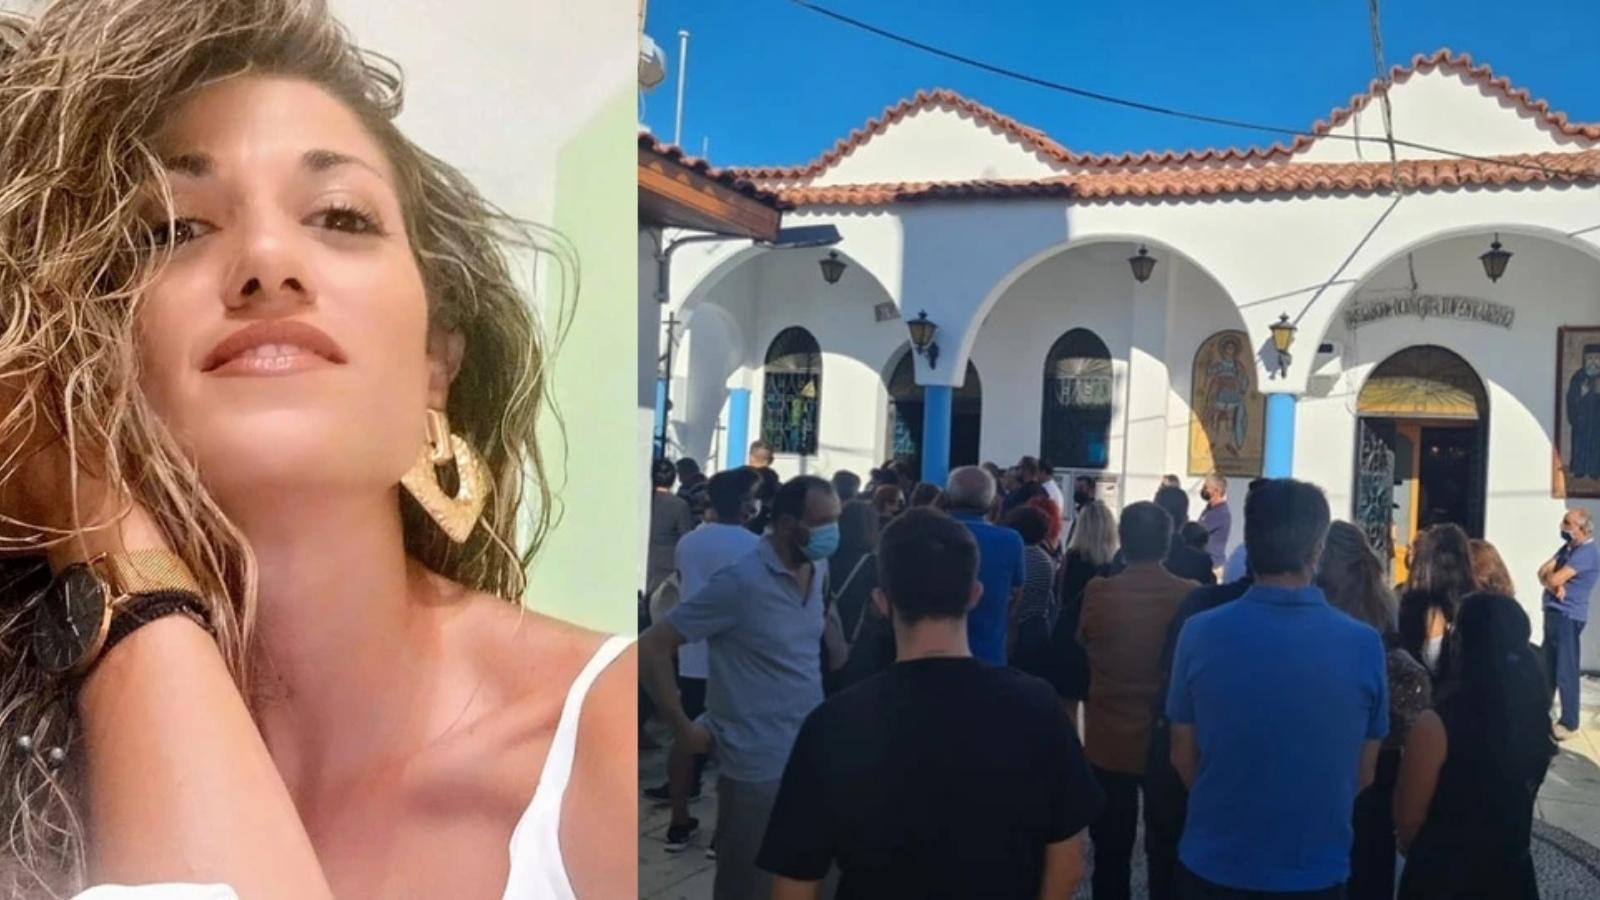 Ρόδος: Ραγίζουν καρδιές στην κηδεία της Ντόρας - Οργή για τον δράστη